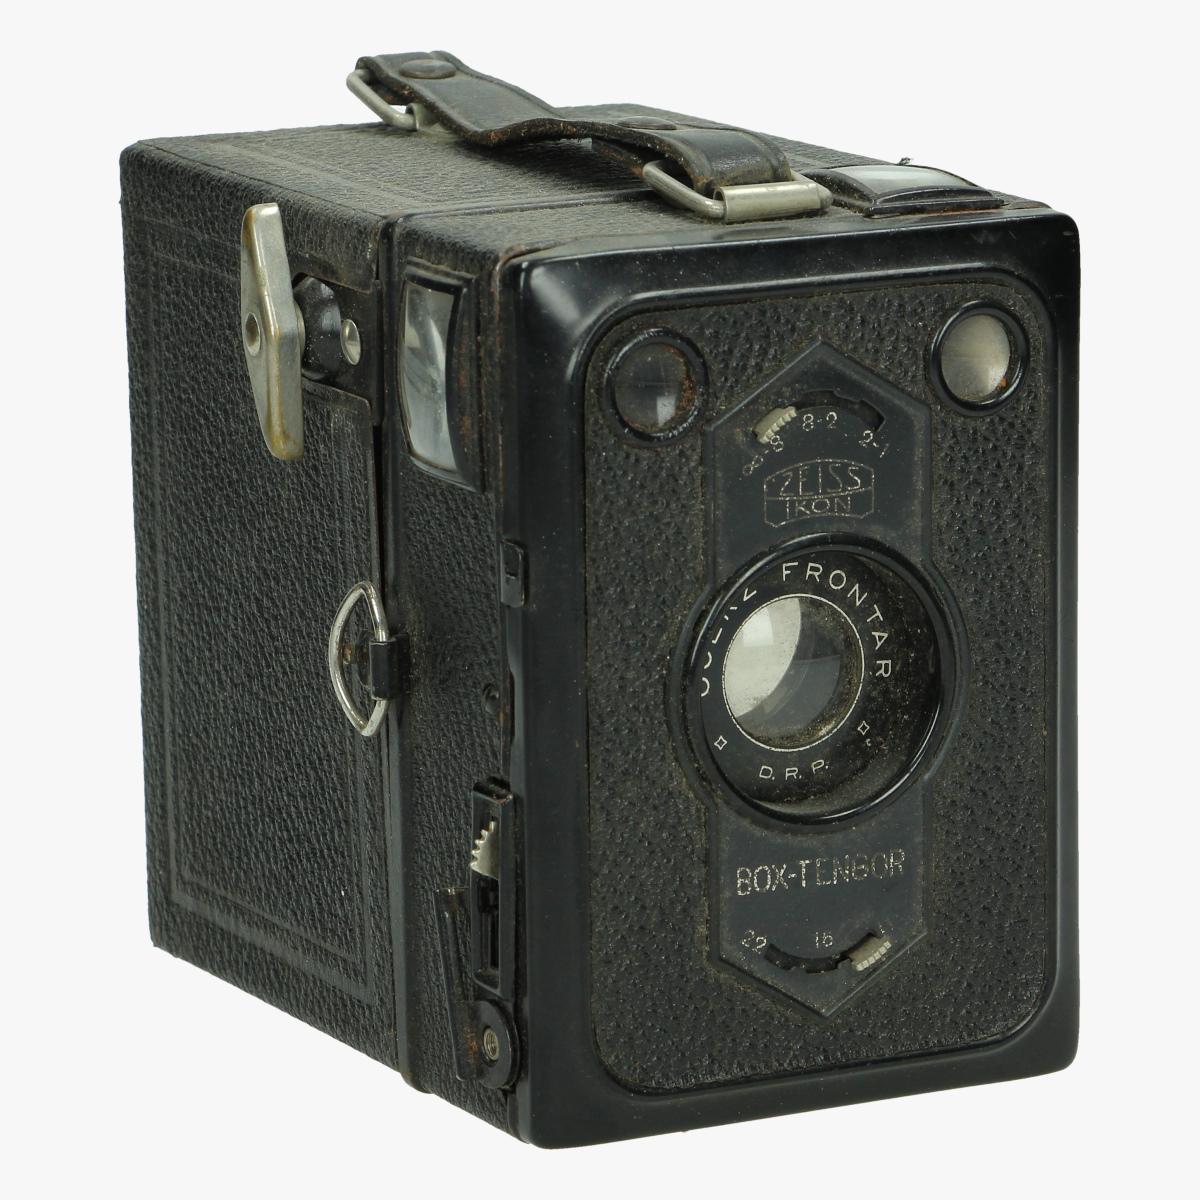 Afbeeldingen van fotocamera zeiss frontar box-tengor goerz frontar